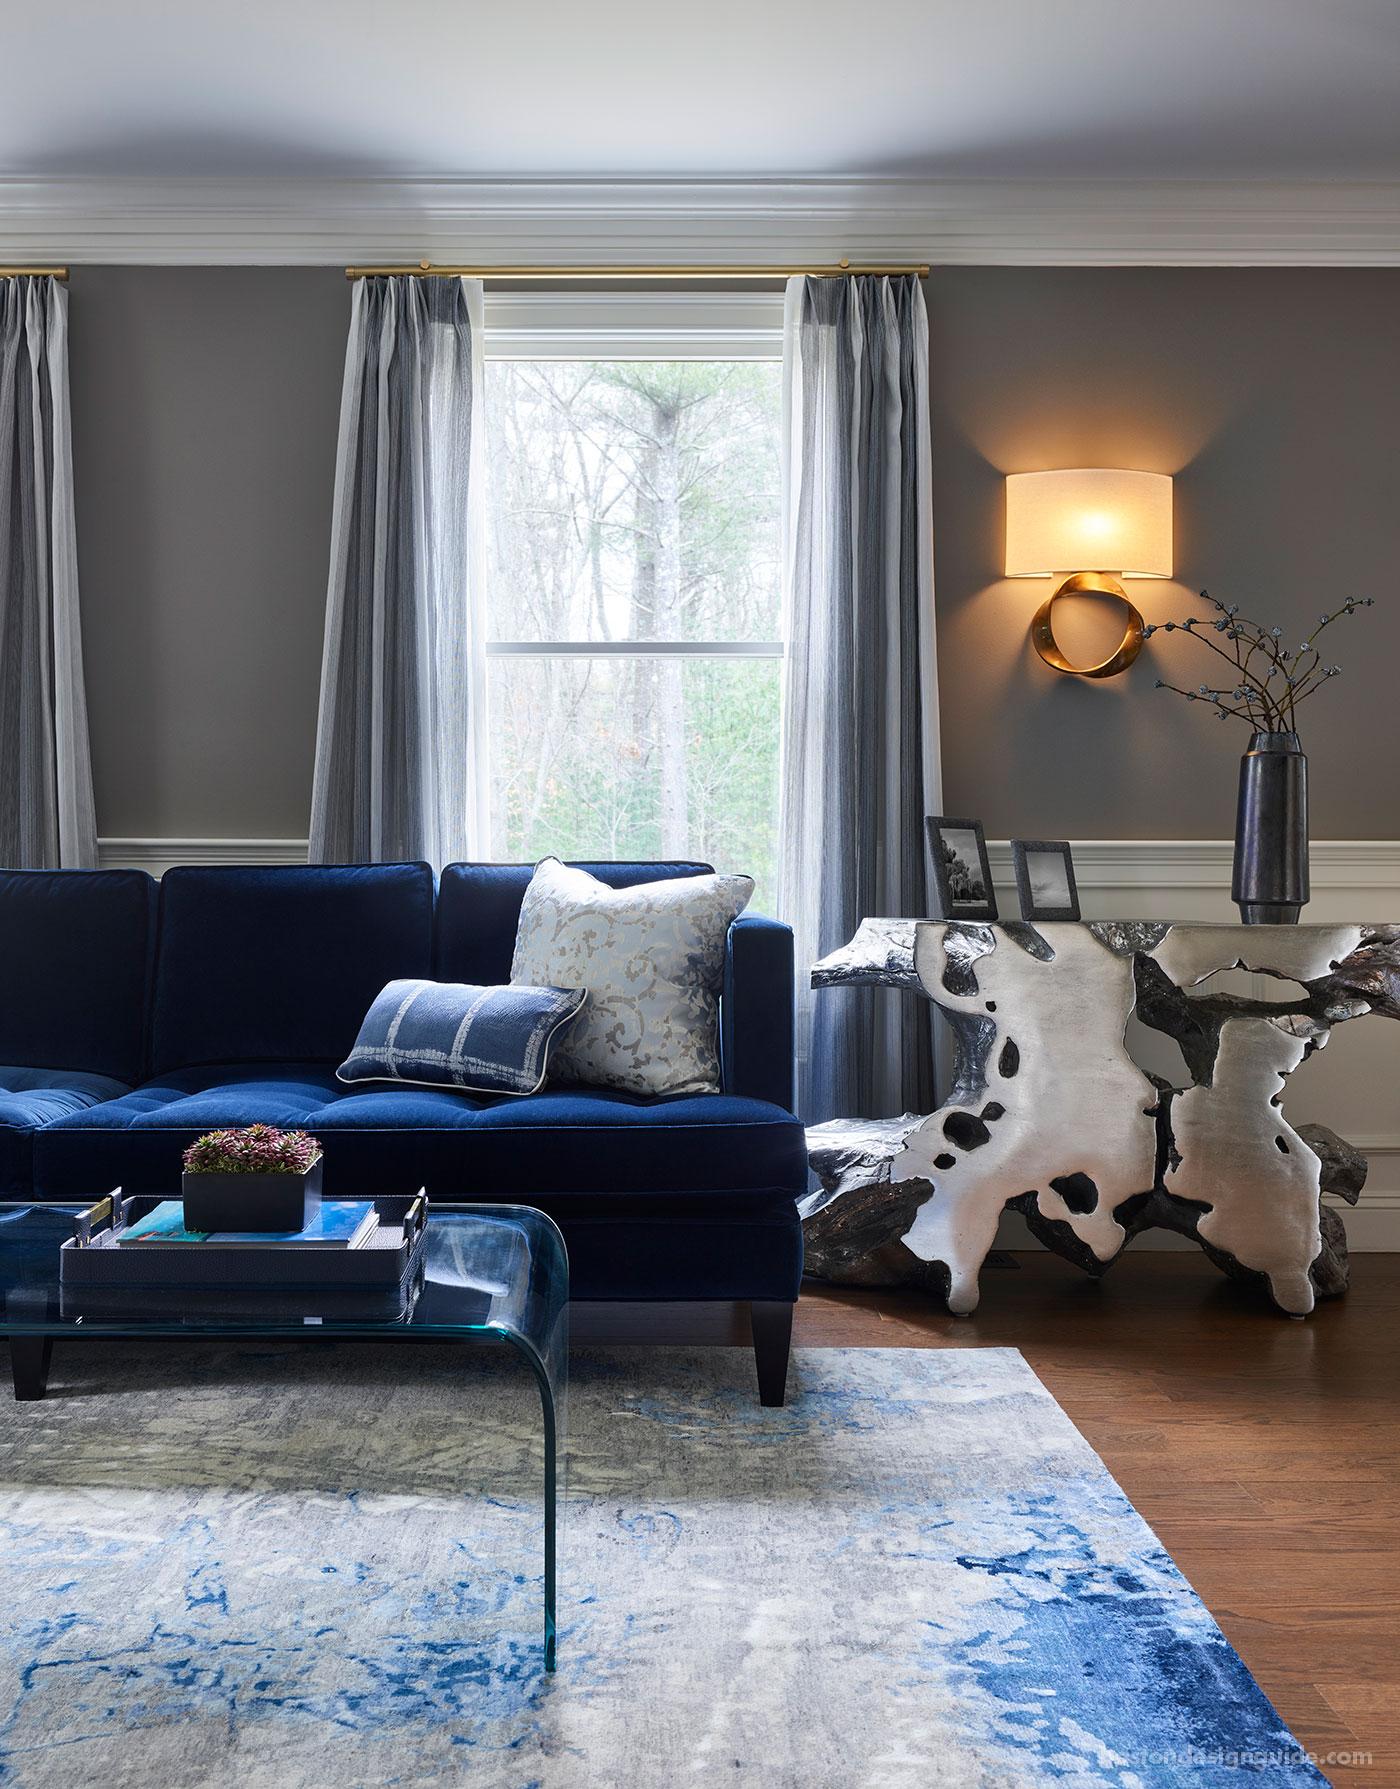 Living room interior design vignette by Interiology Design Co.